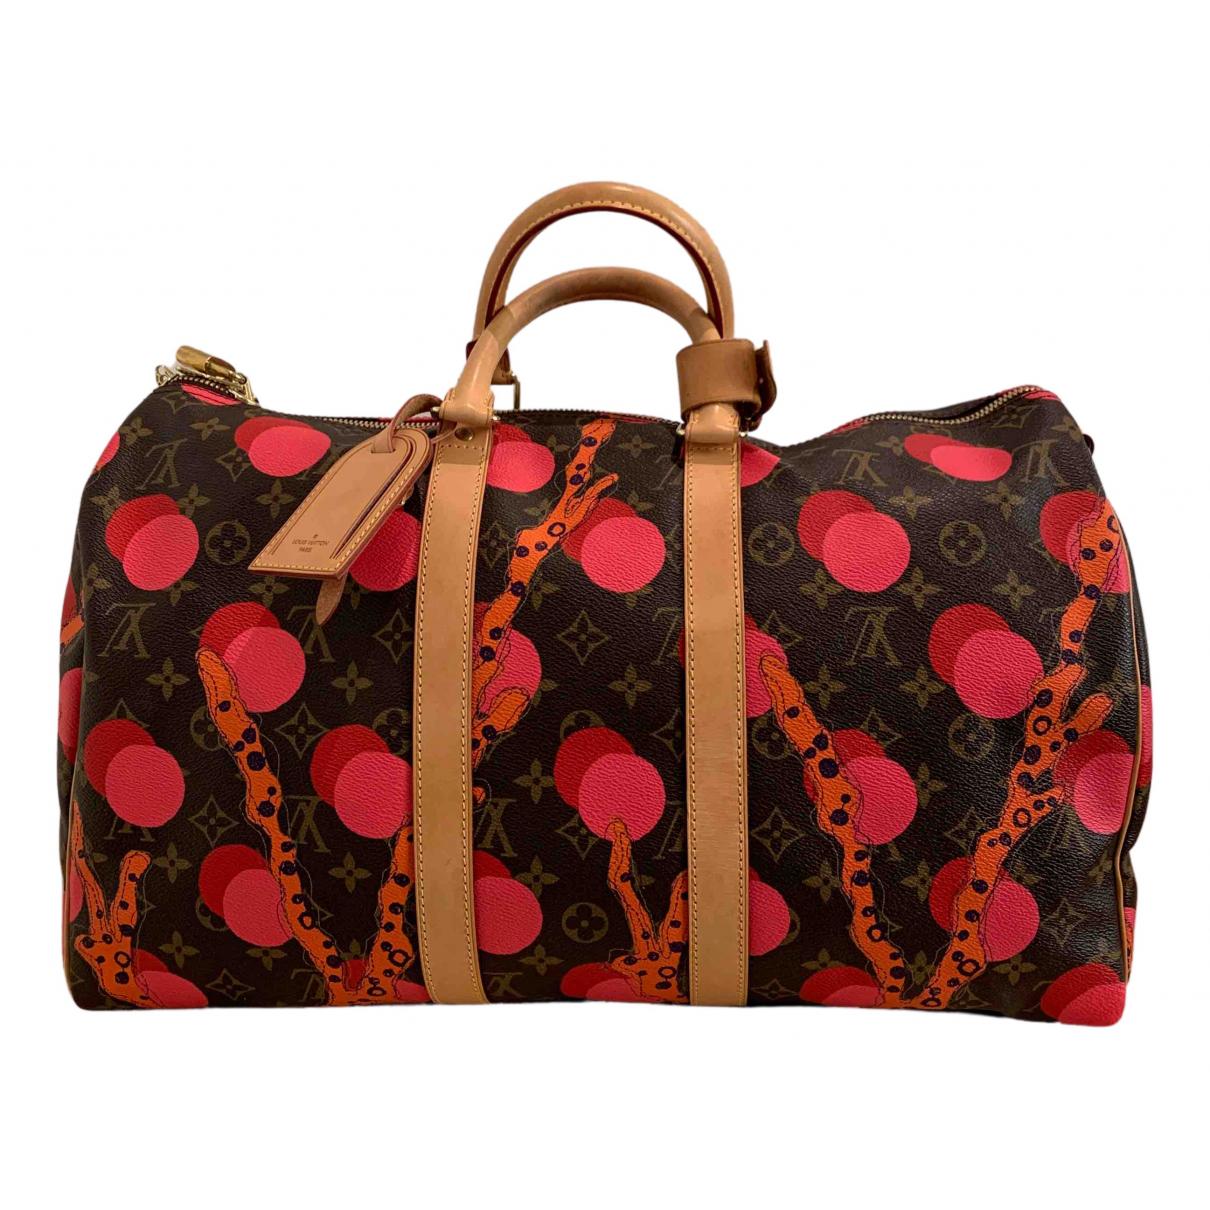 Louis Vuitton Keepall Multicolour Cloth Travel bag for Women N